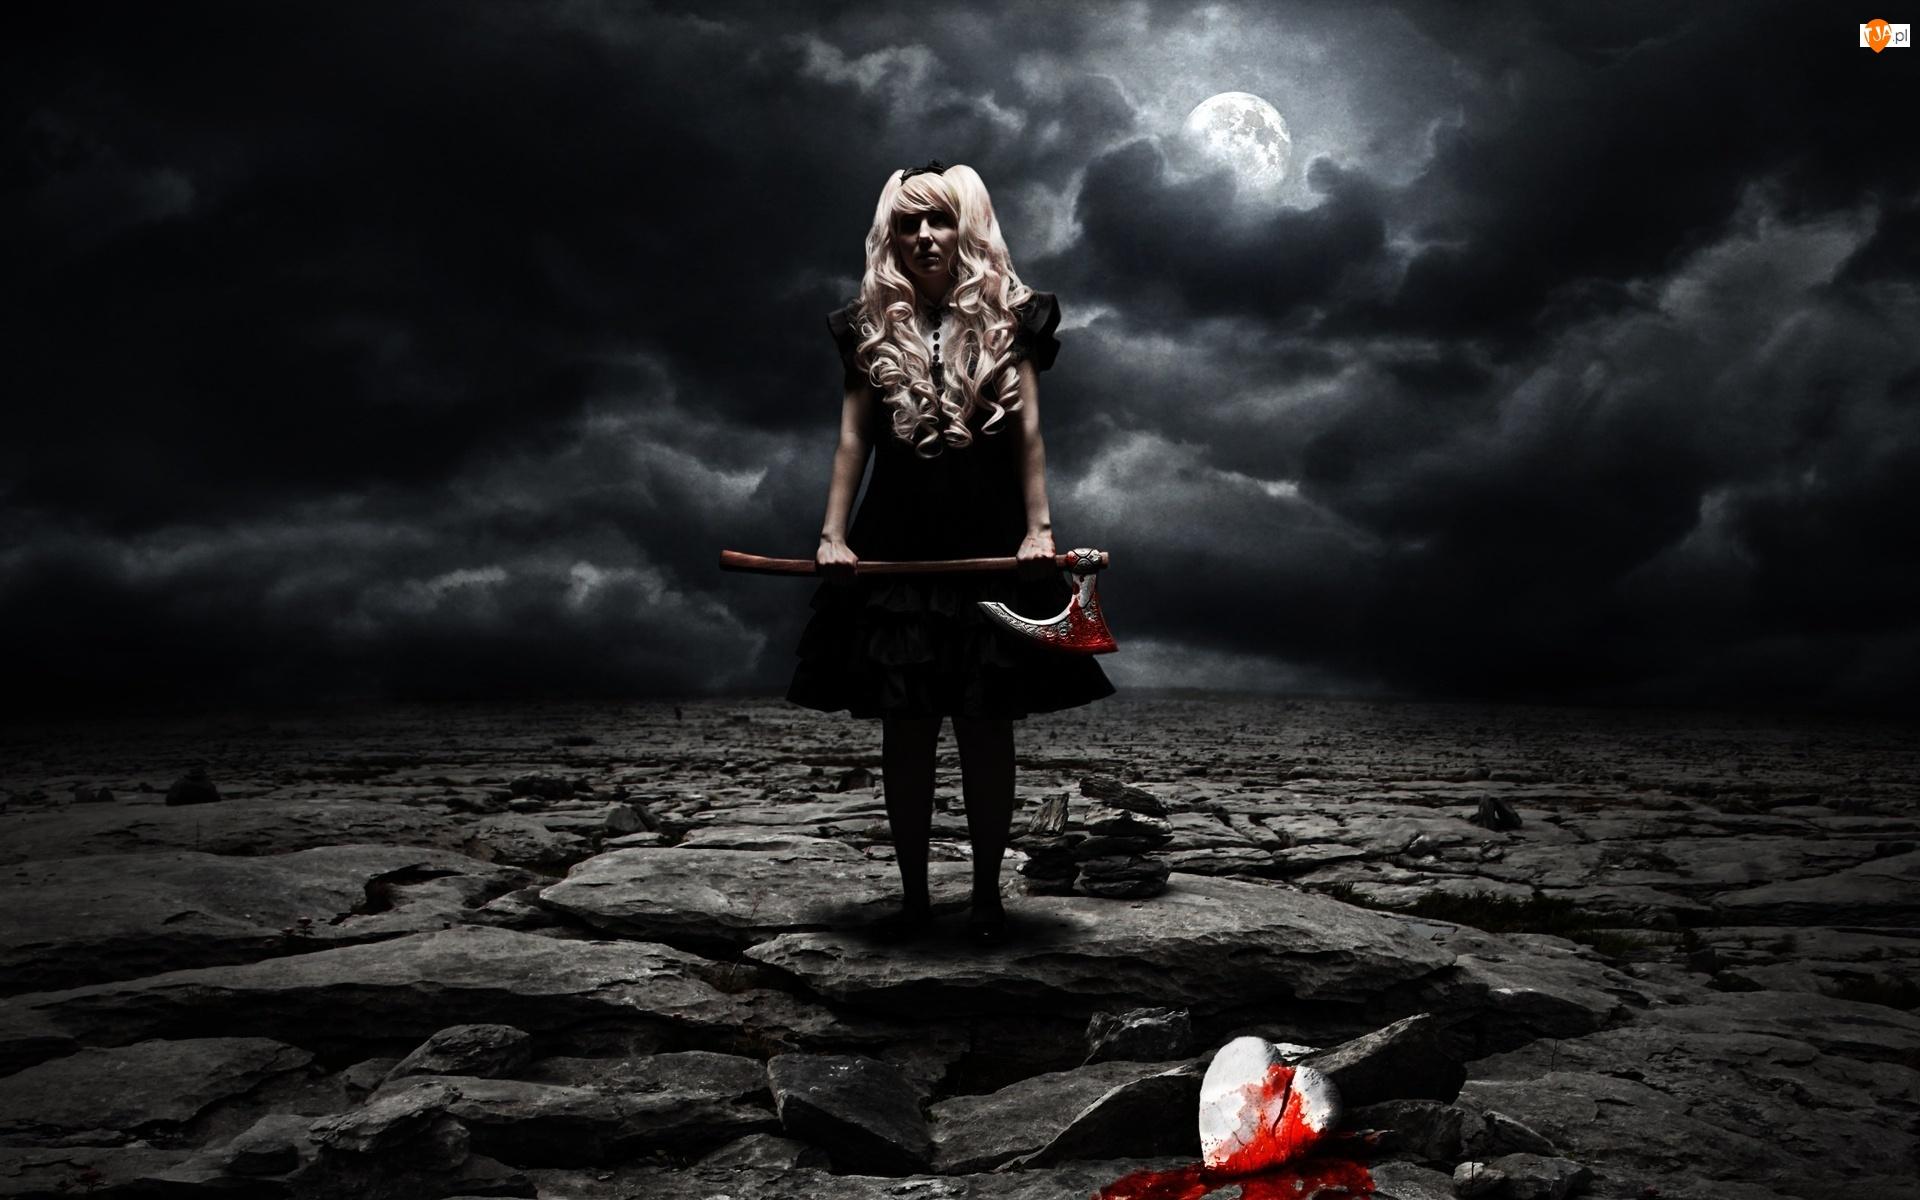 Mrok, Krew, Topór, kobieta, Chmury, Księżyc, Serce